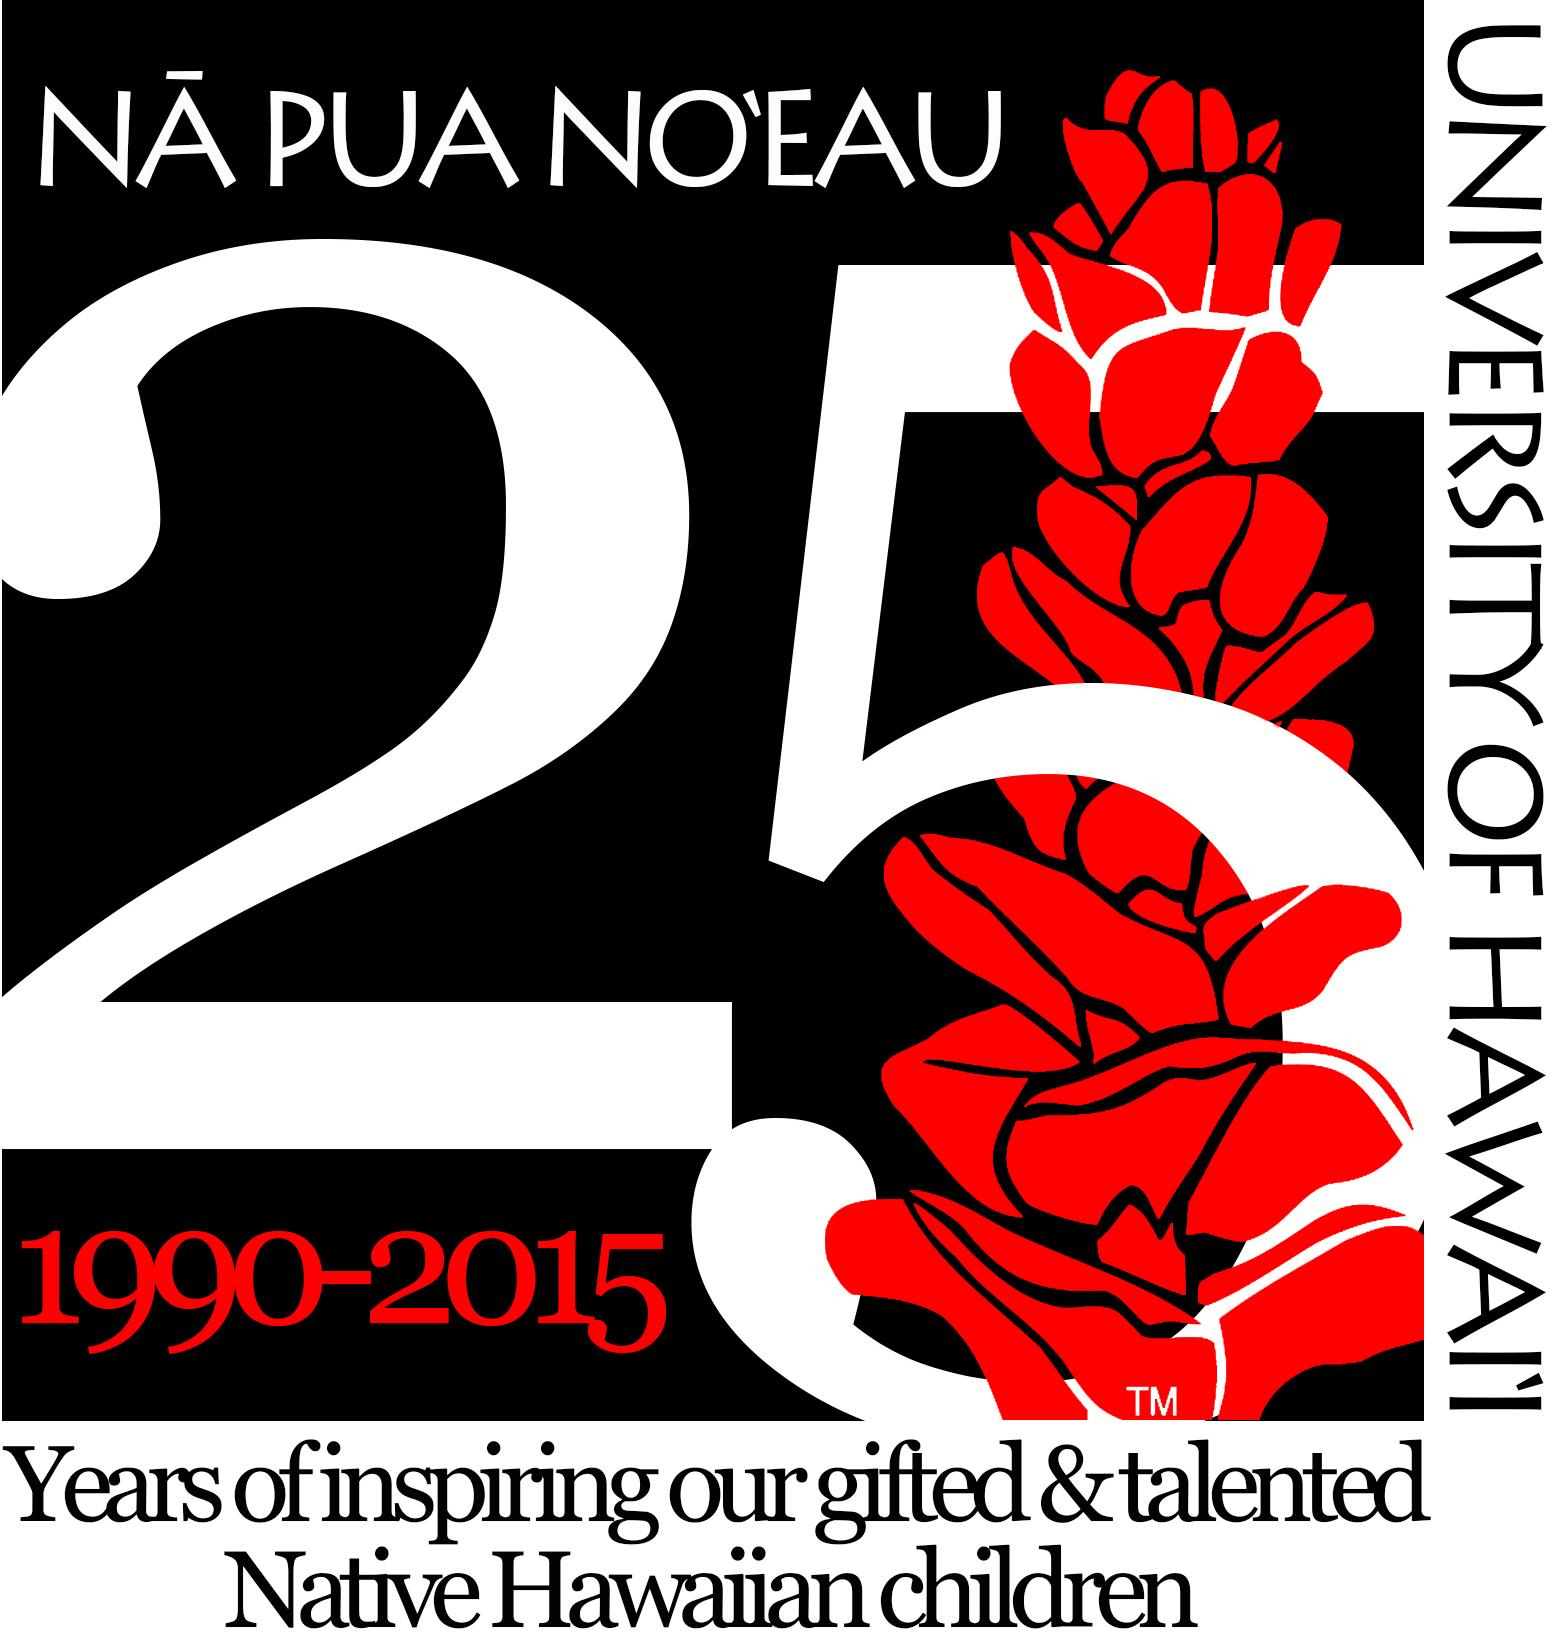 Office of Hawaiian Affairs provides funding to support Nā Pua No'eau